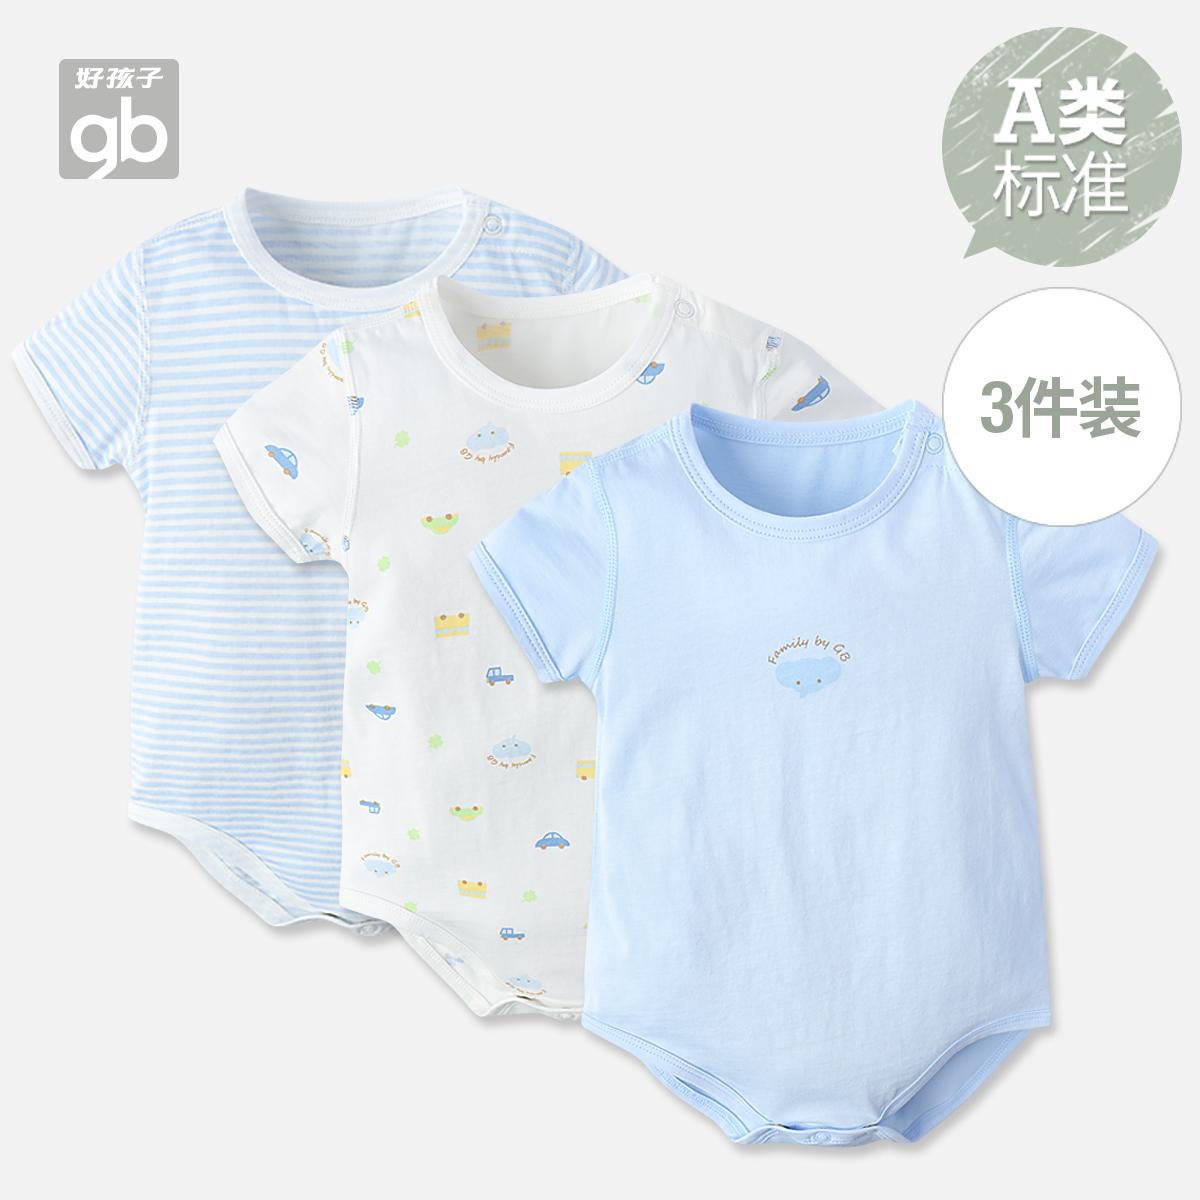 哈衣爬服新生儿连体婴儿短袖包屁衣宝宝纯棉好孩子